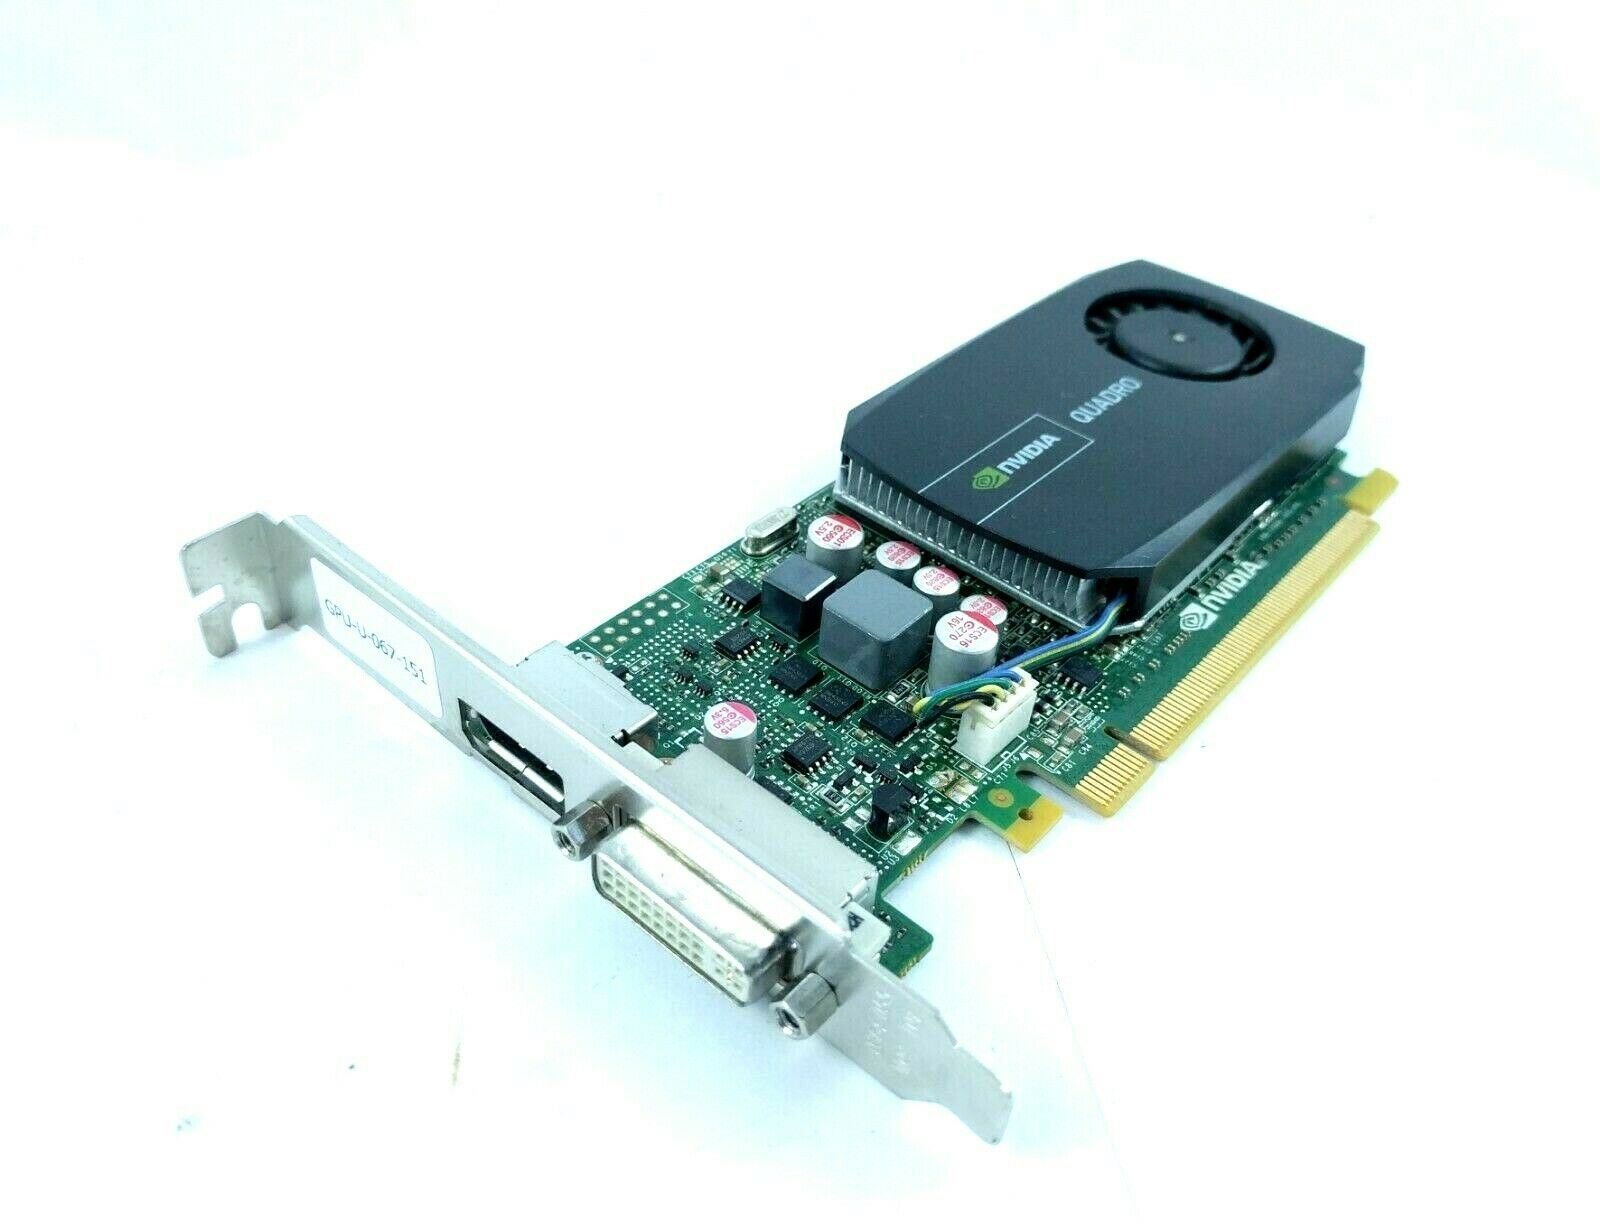 Dell NVIDIA QUADRO 600 PCI-E x16 1GB GDDR3 DVI Graphics Video Card 5YGHK